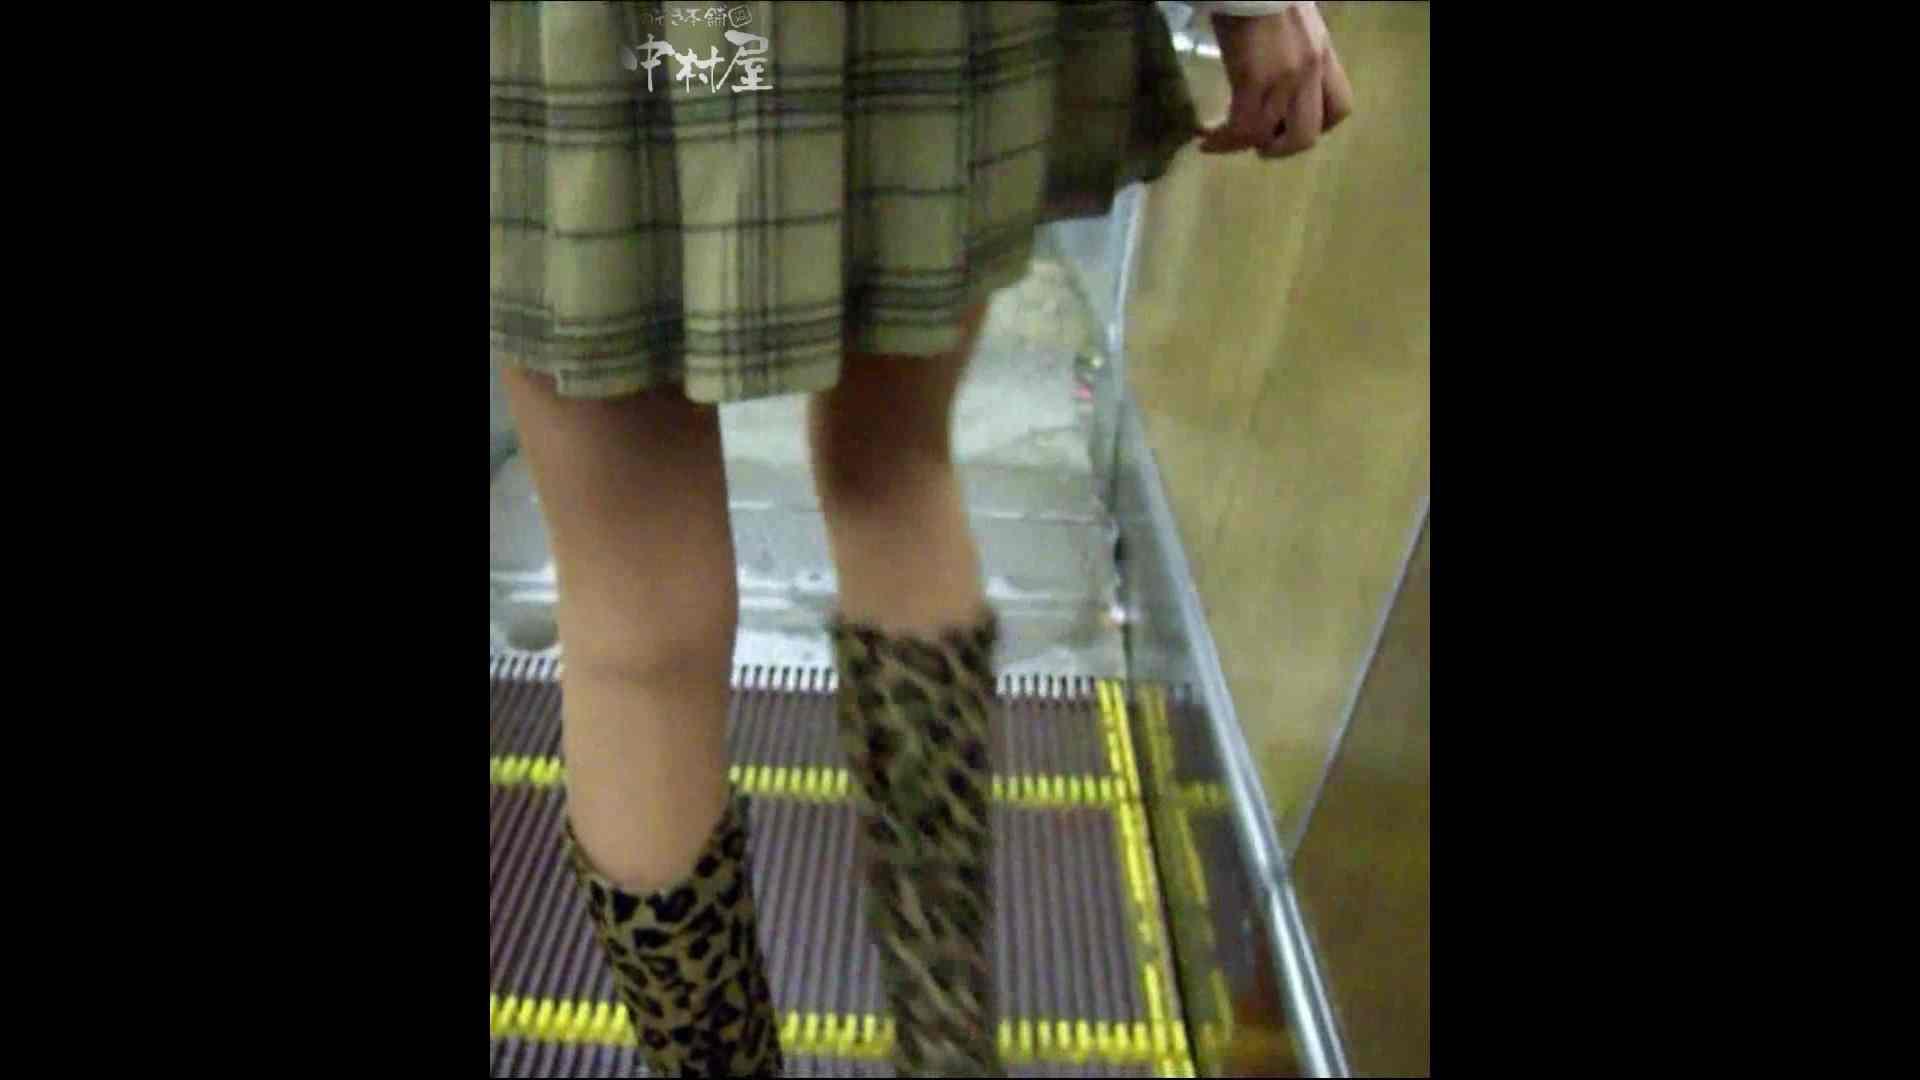 綺麗なモデルさんのスカート捲っちゃおう‼ vol18 モデル アダルト動画キャプチャ 87pic 14